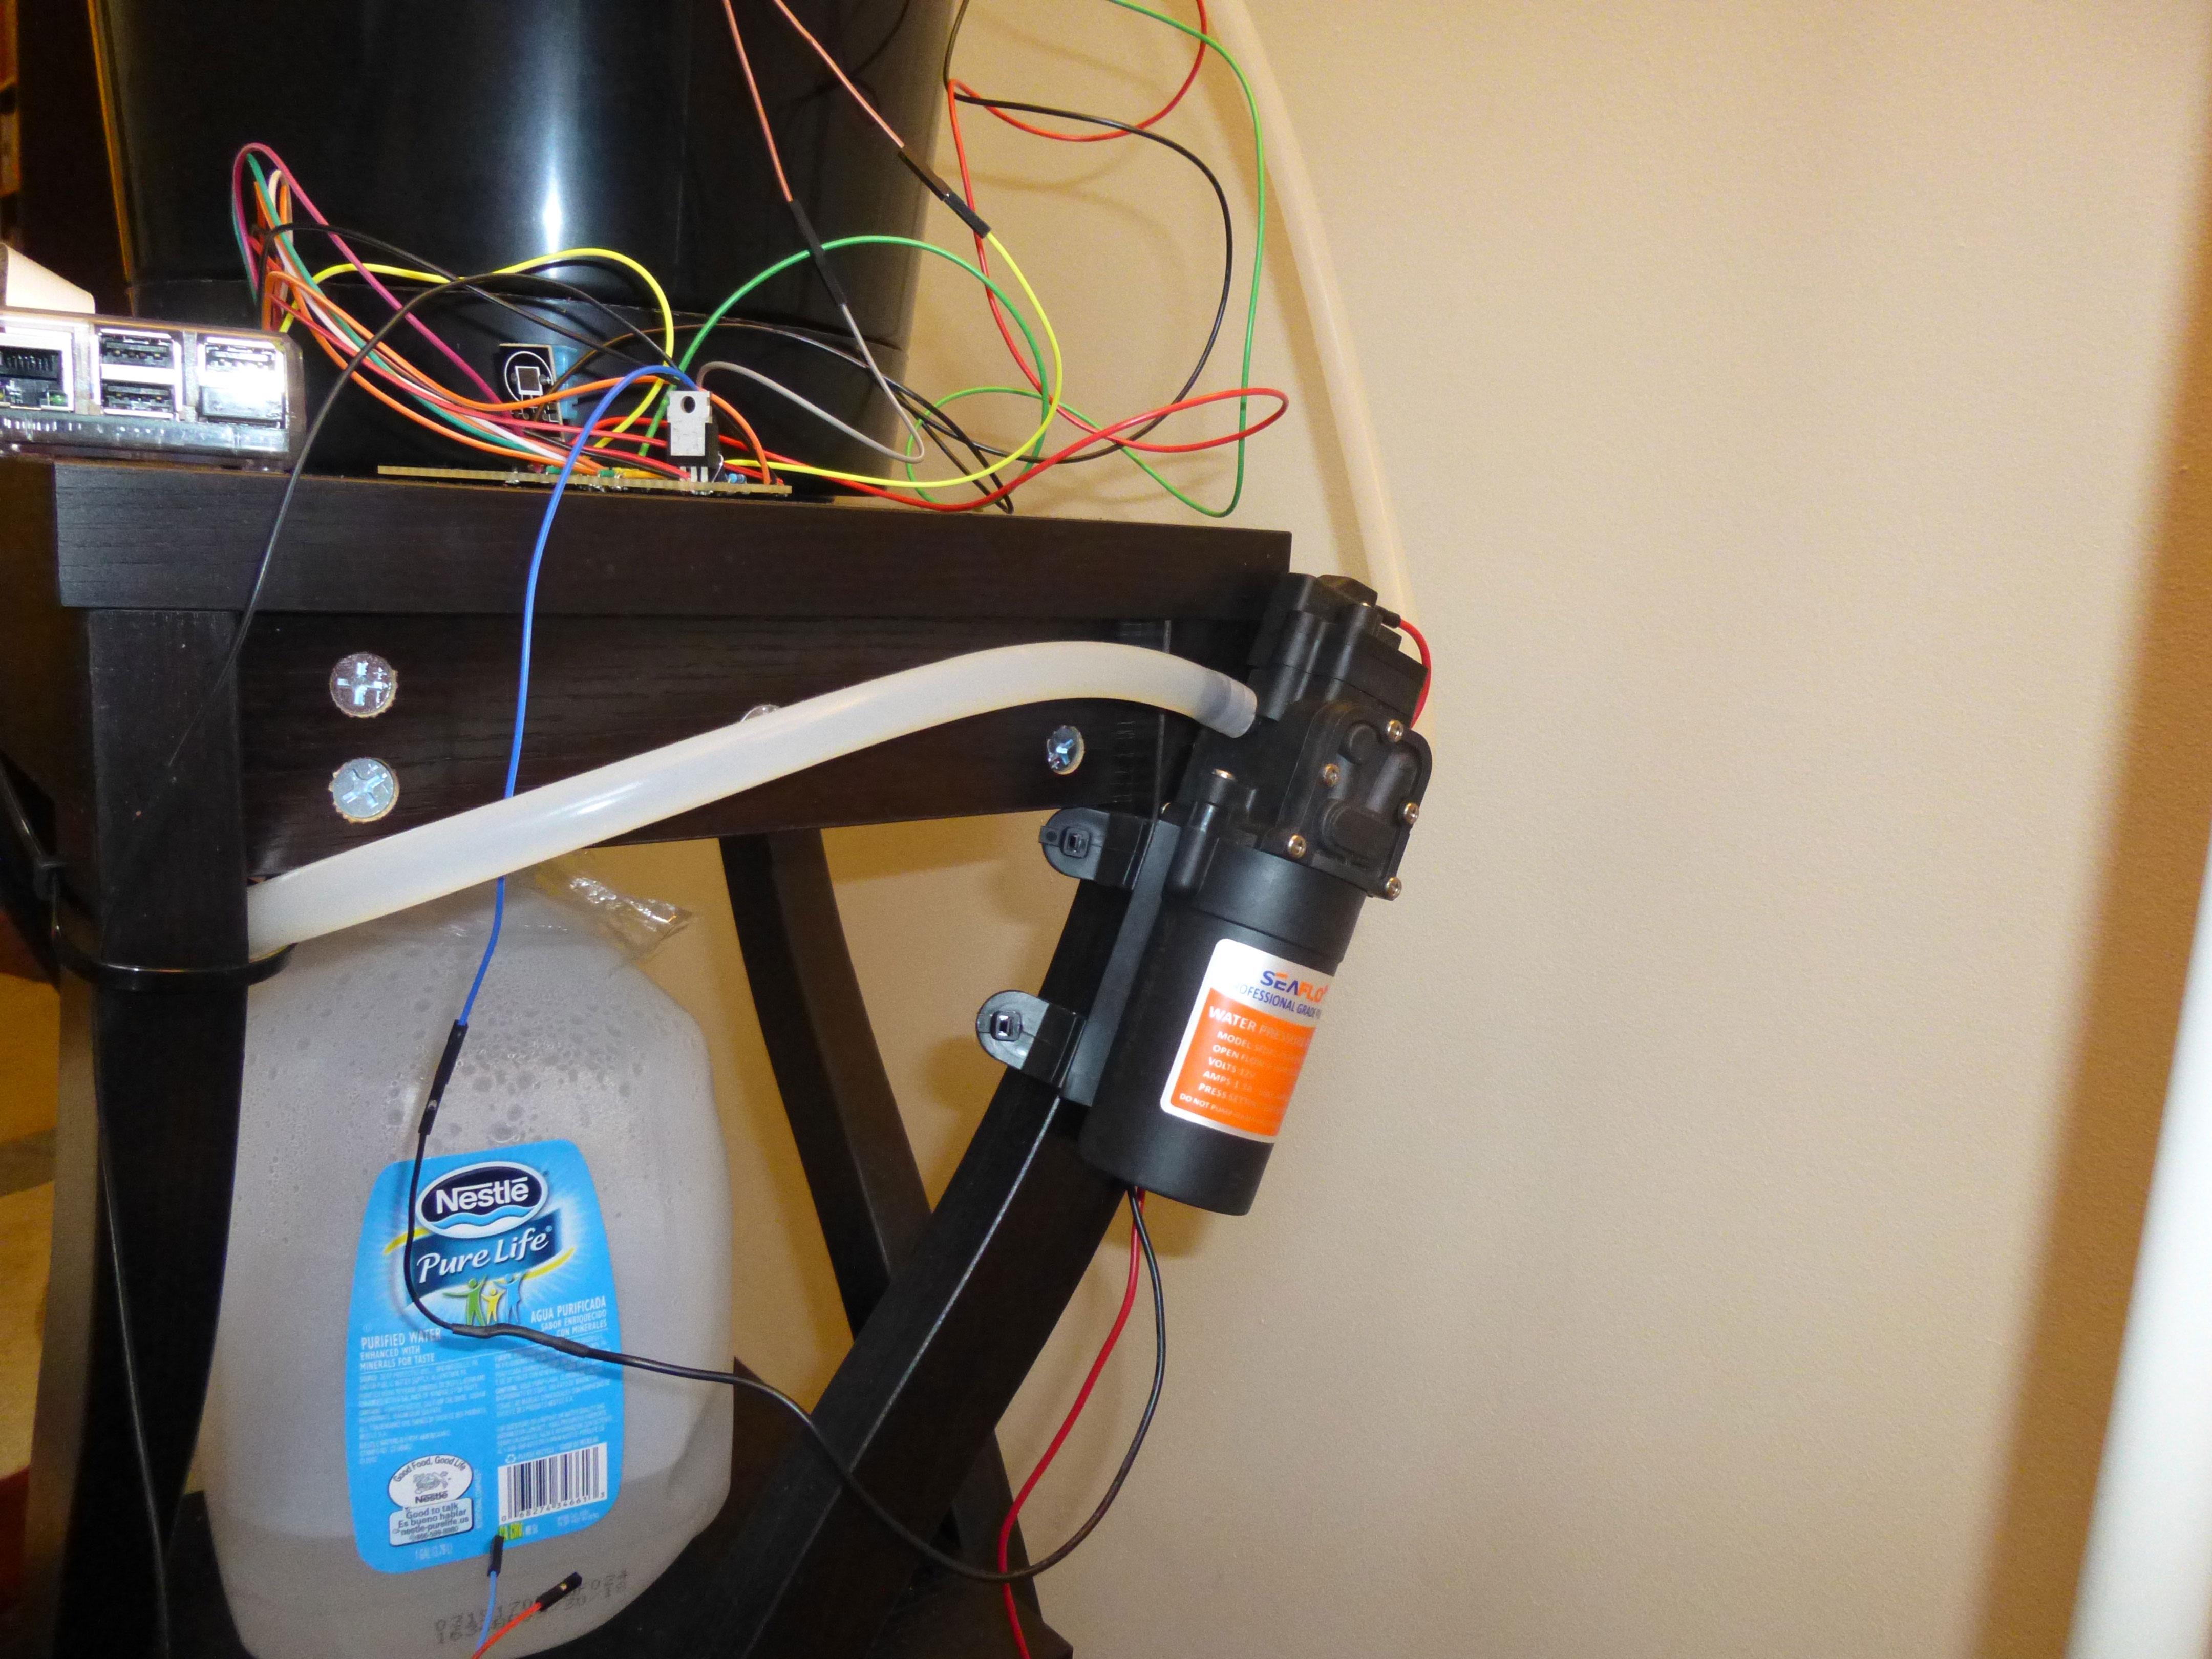 GreenPiThumb pump